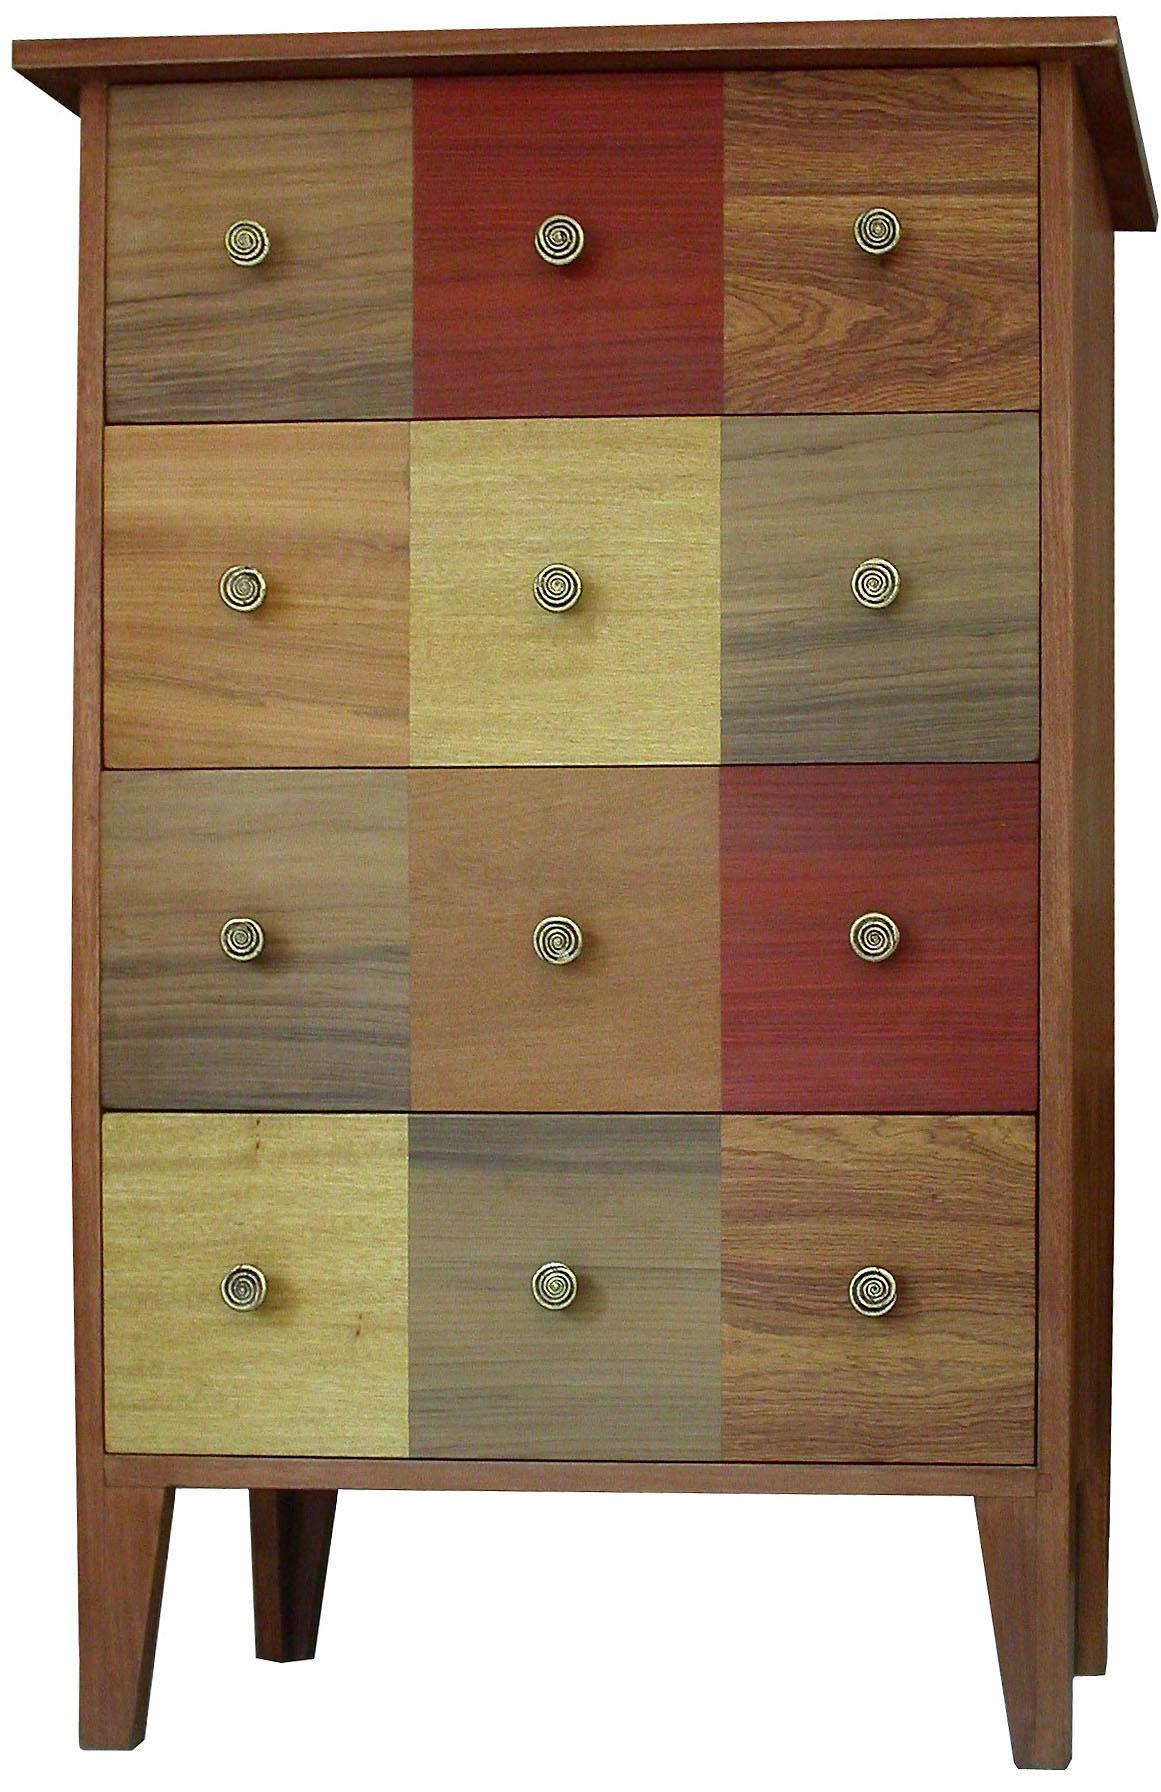 les armoires buffets commodes en assemblage de bois. Black Bedroom Furniture Sets. Home Design Ideas